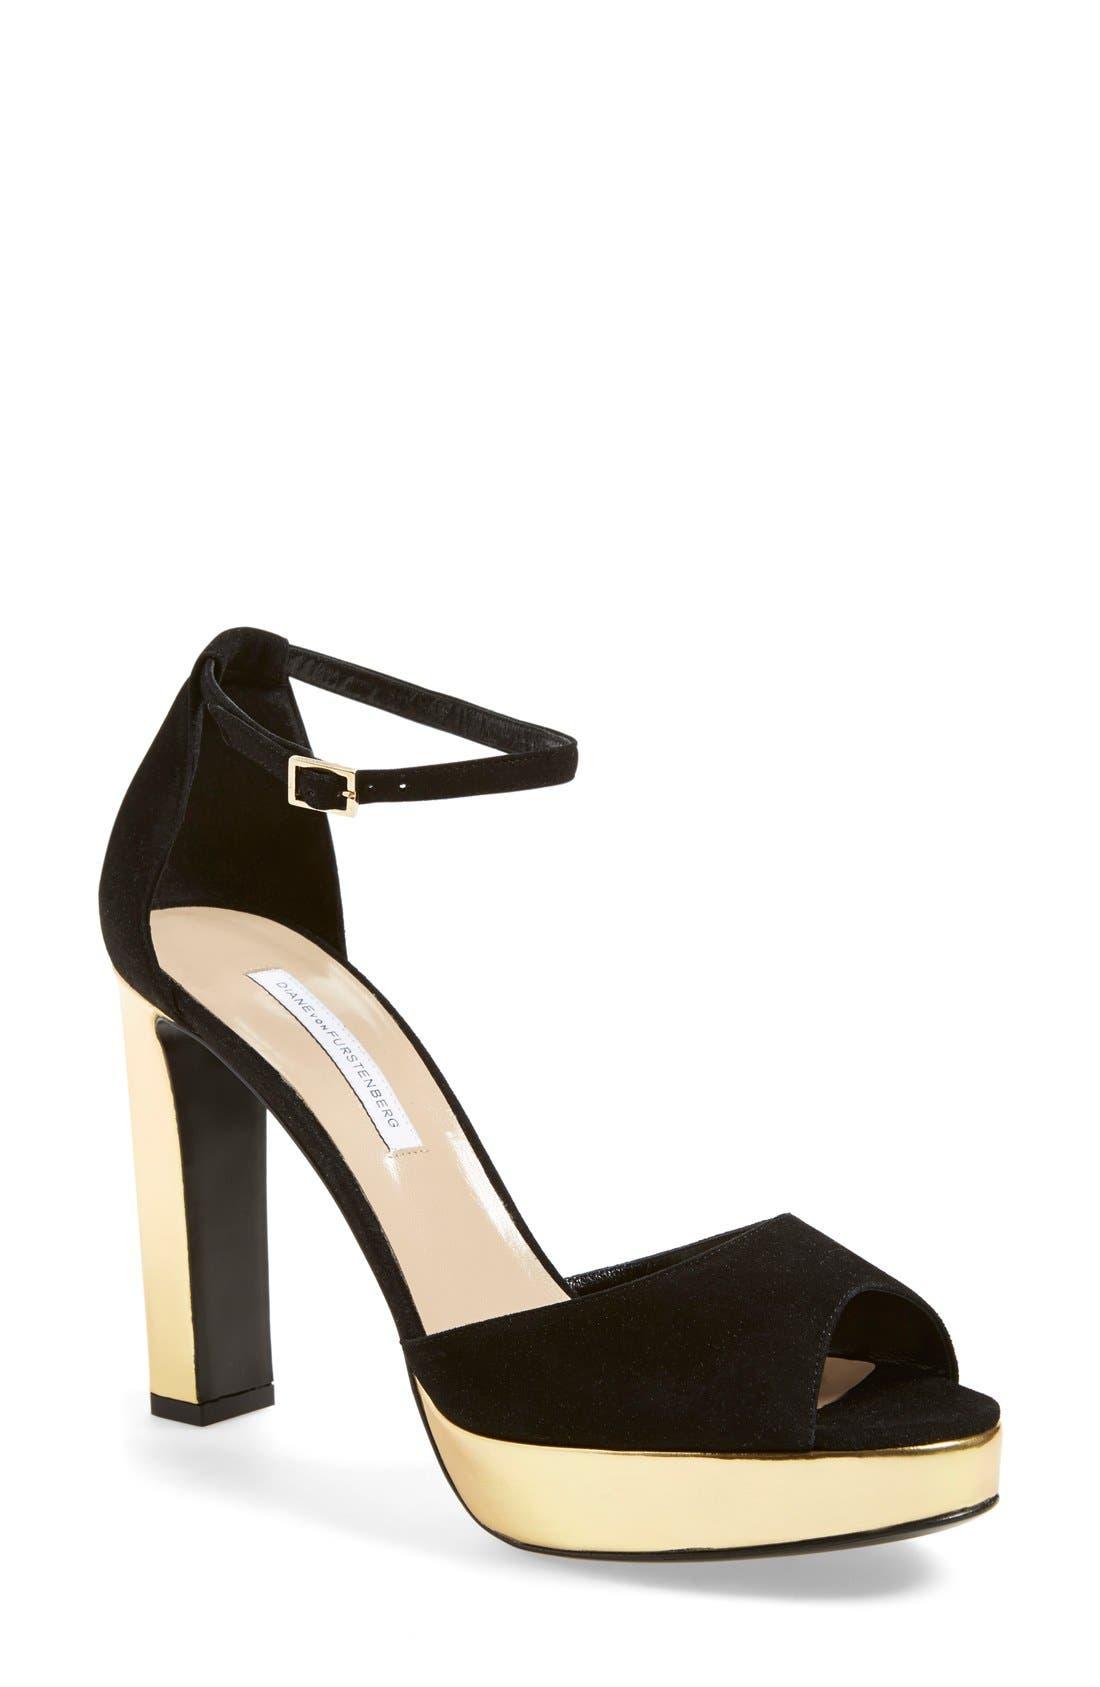 Main Image - Diane von Furstenberg 'Daria' Platform Peep Toe Sandal (Women)